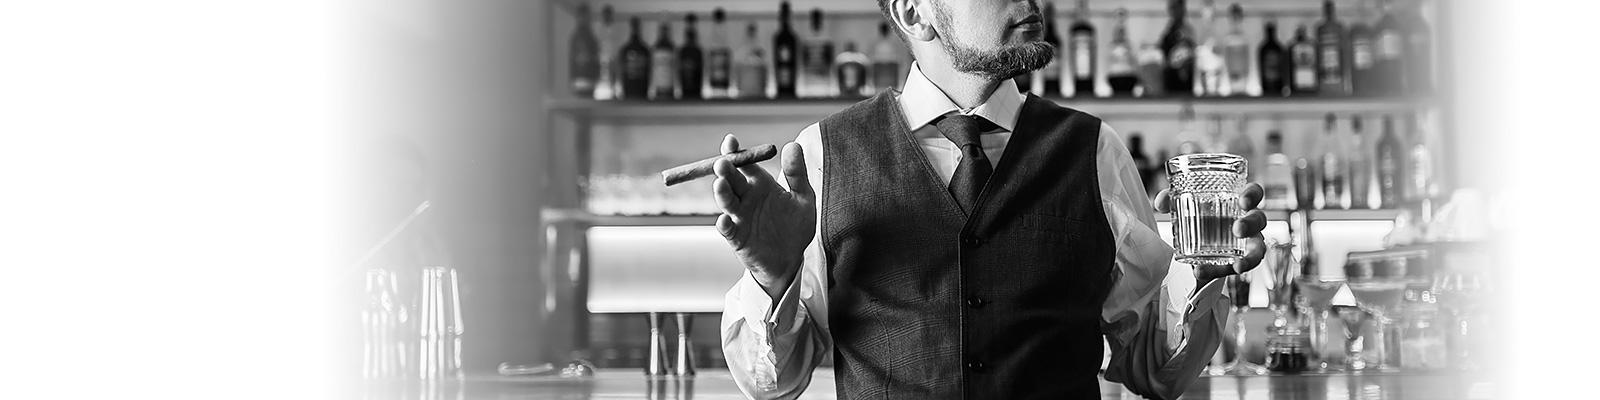 ウイスキー 煙草 バー スーツ イメージ